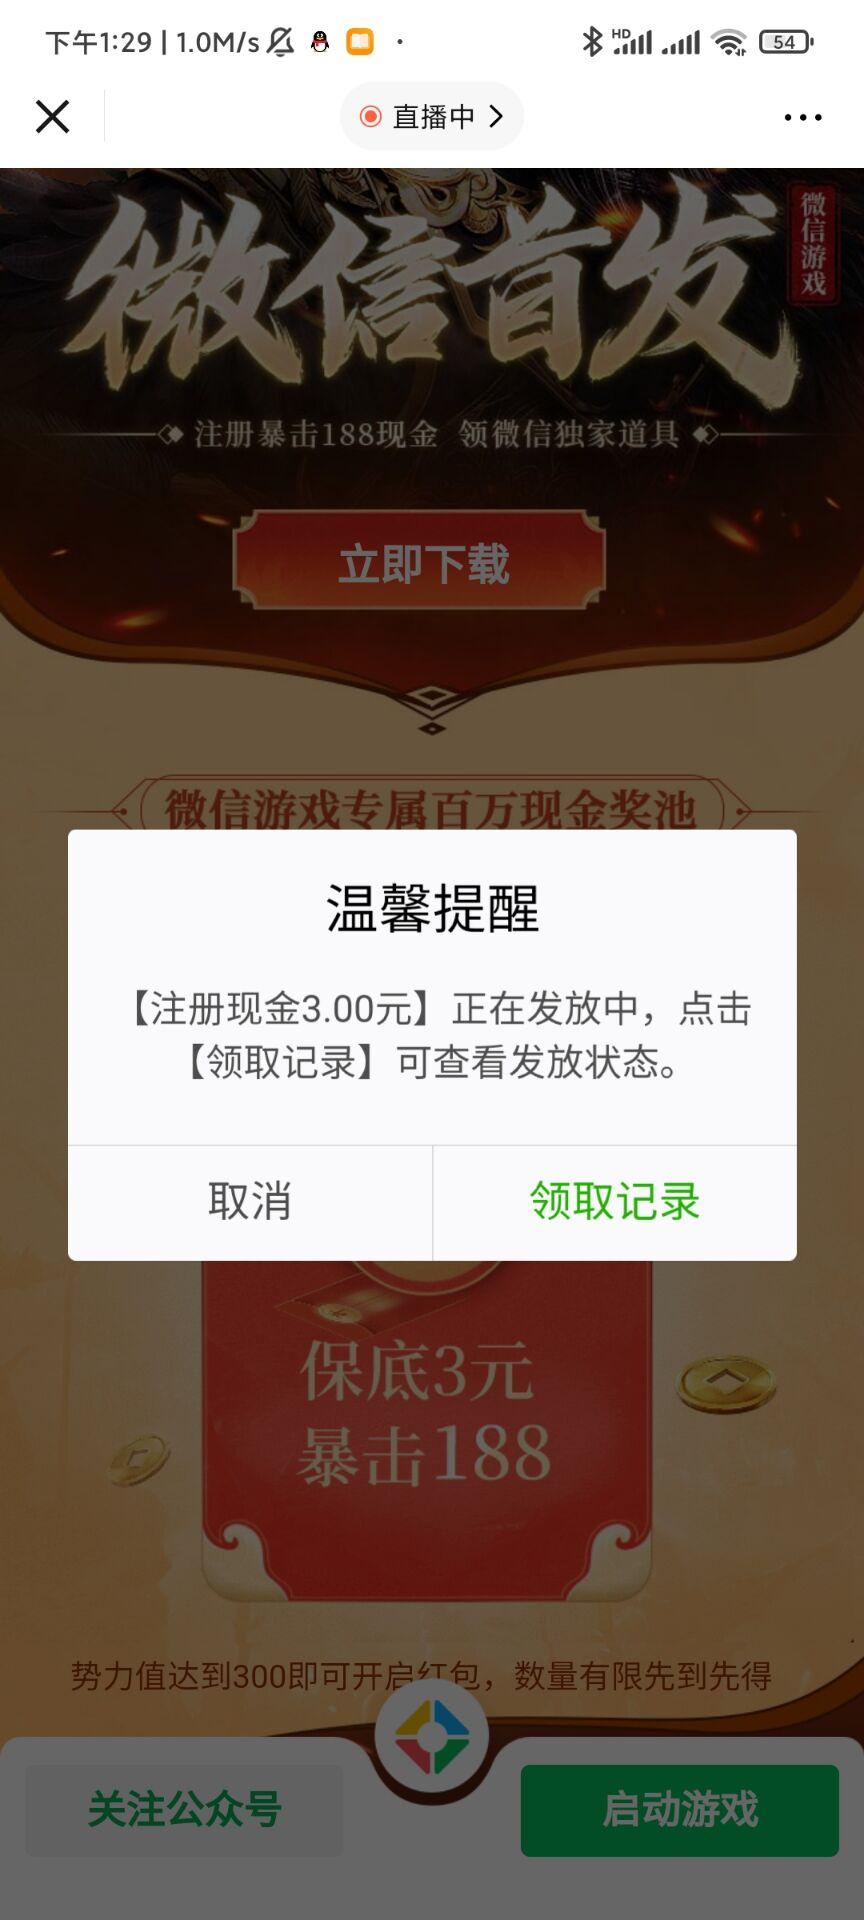 【现金红包】荣耀新三国微信注册红包(需要游戏等级)插图